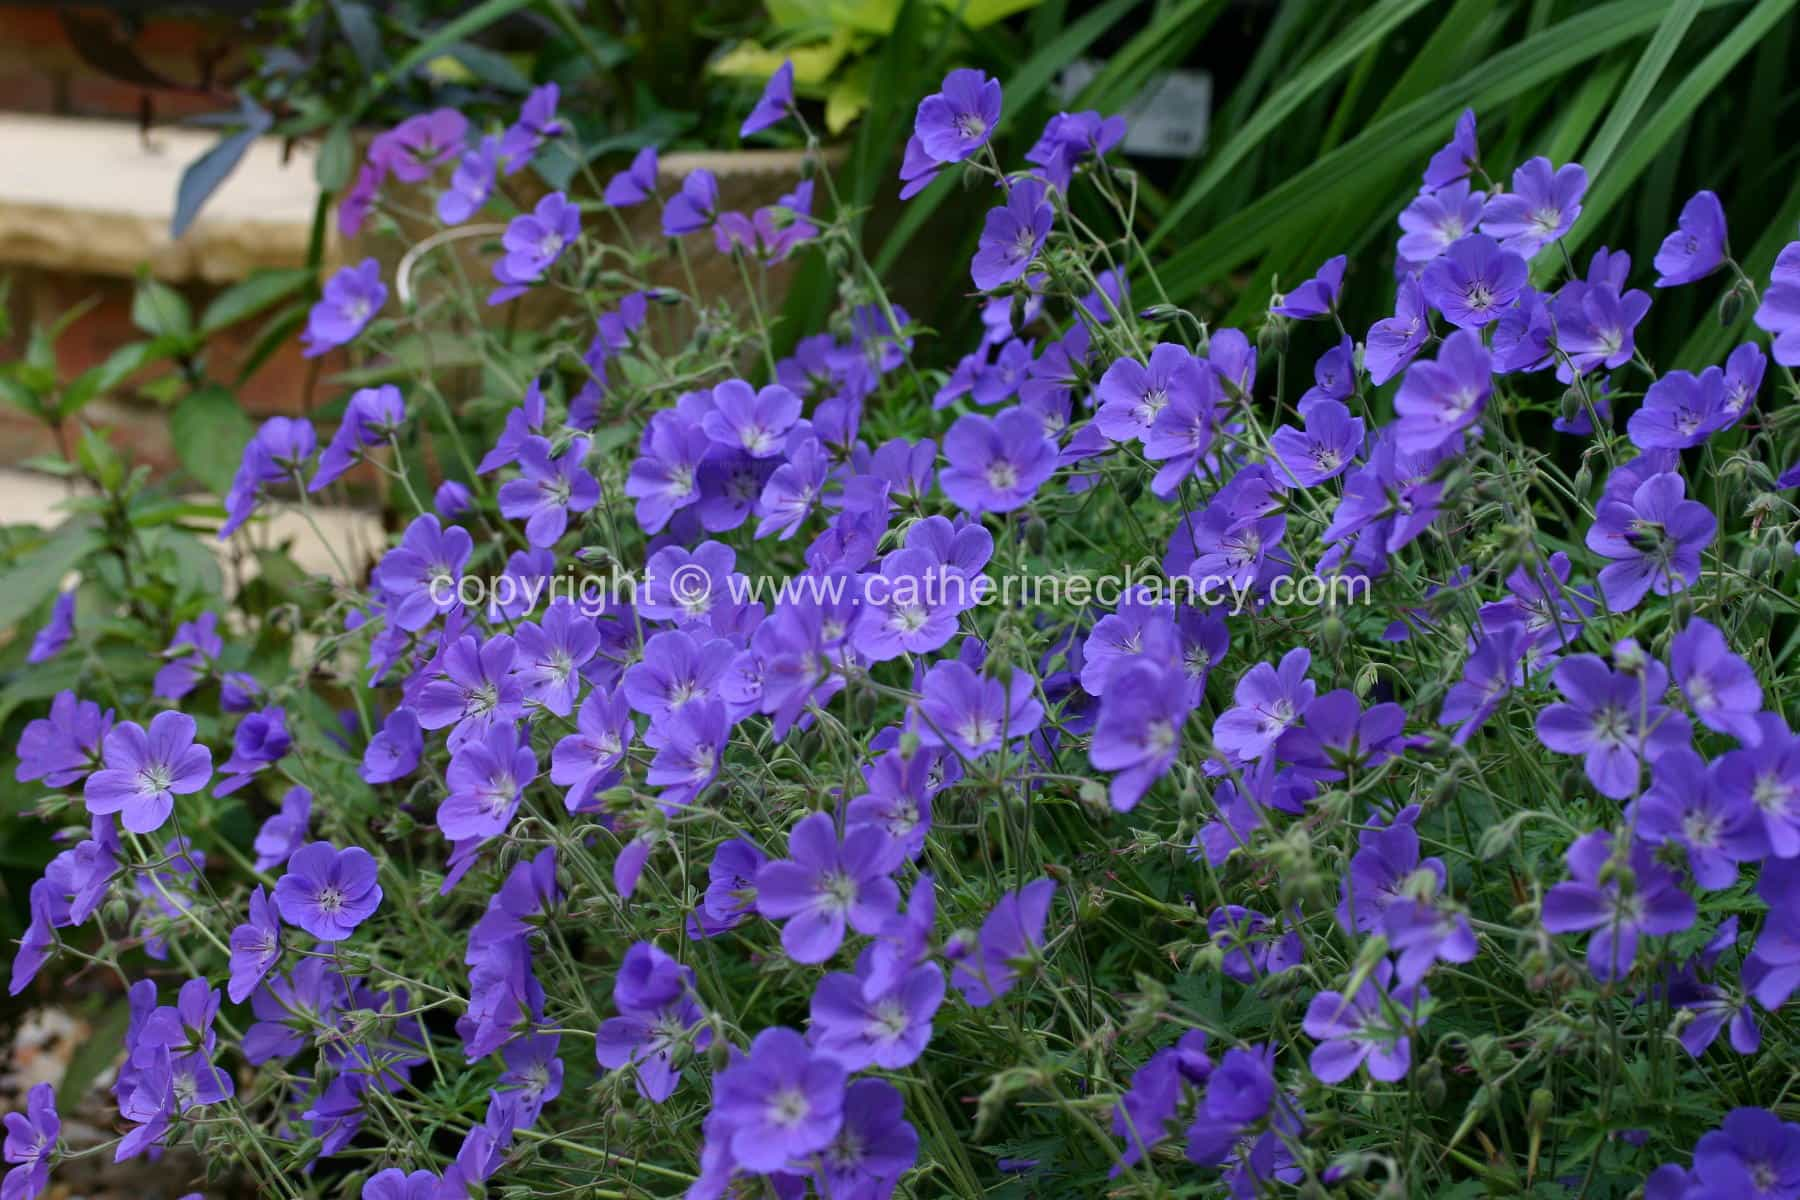 blackheath-walled-garden-geranium